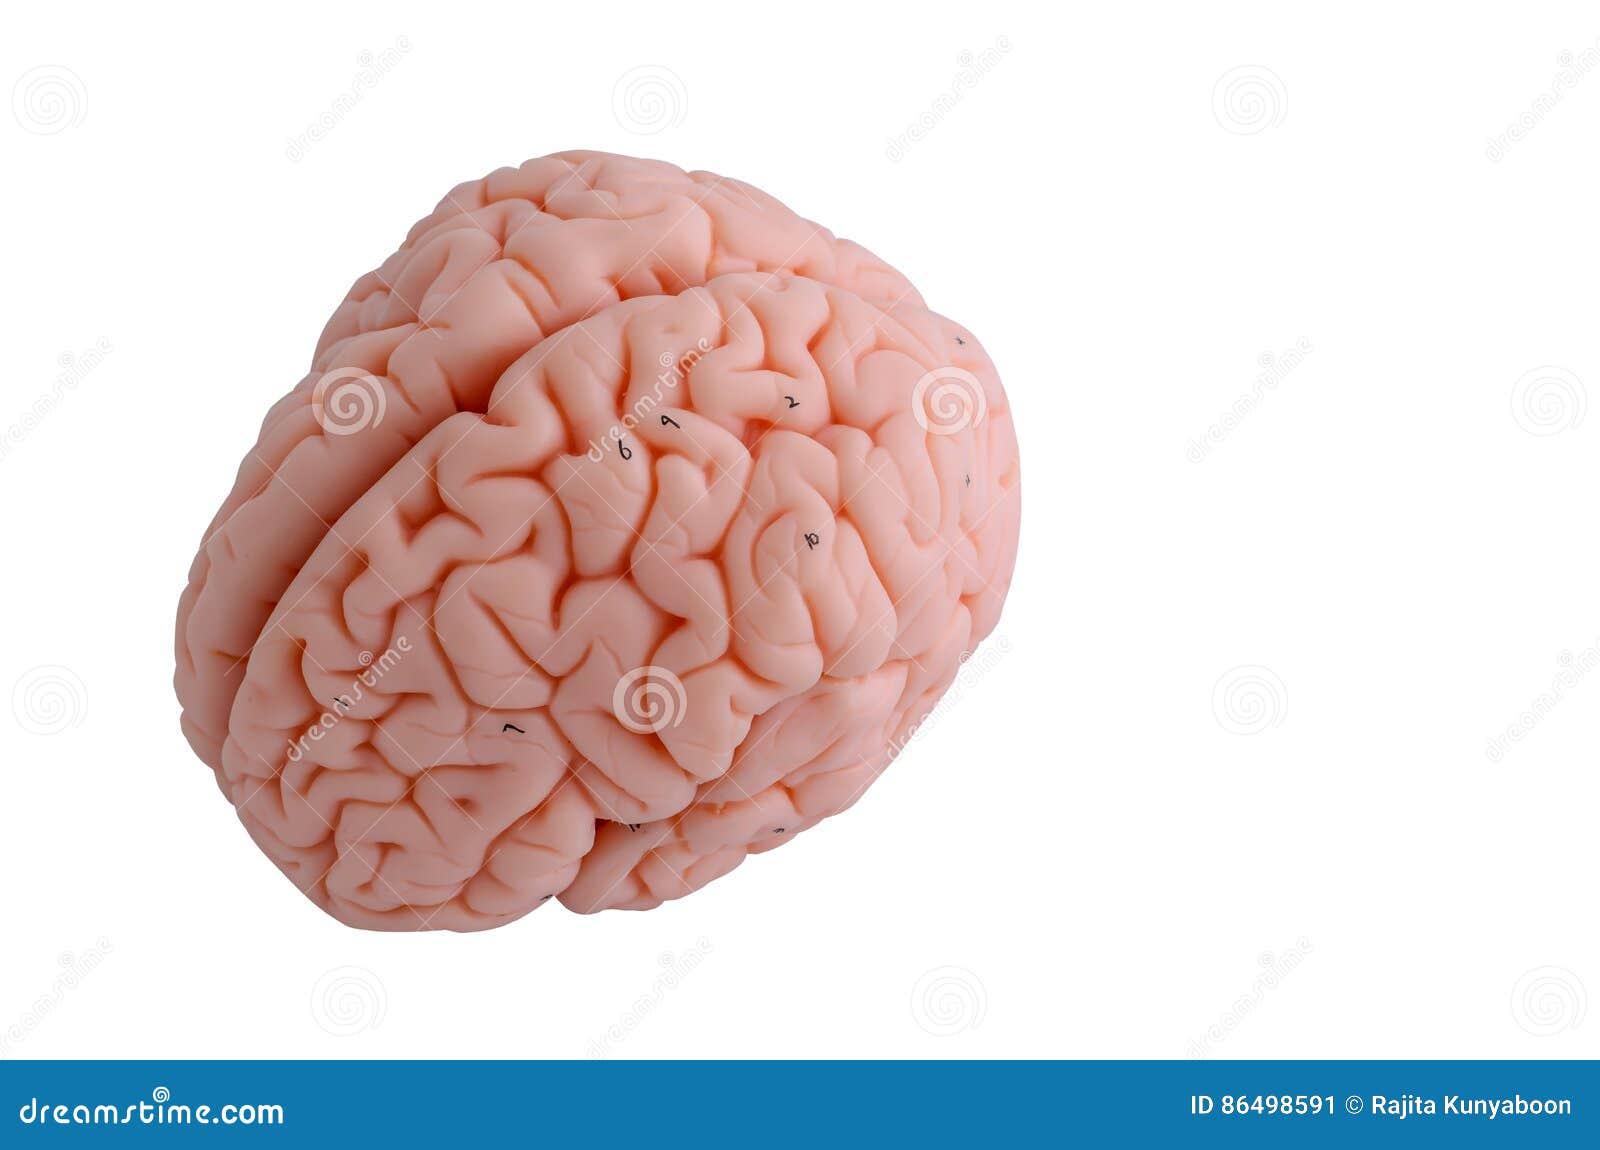 Anatomiemodell Des Menschlichen Gehirns Stockbild - Bild von ...